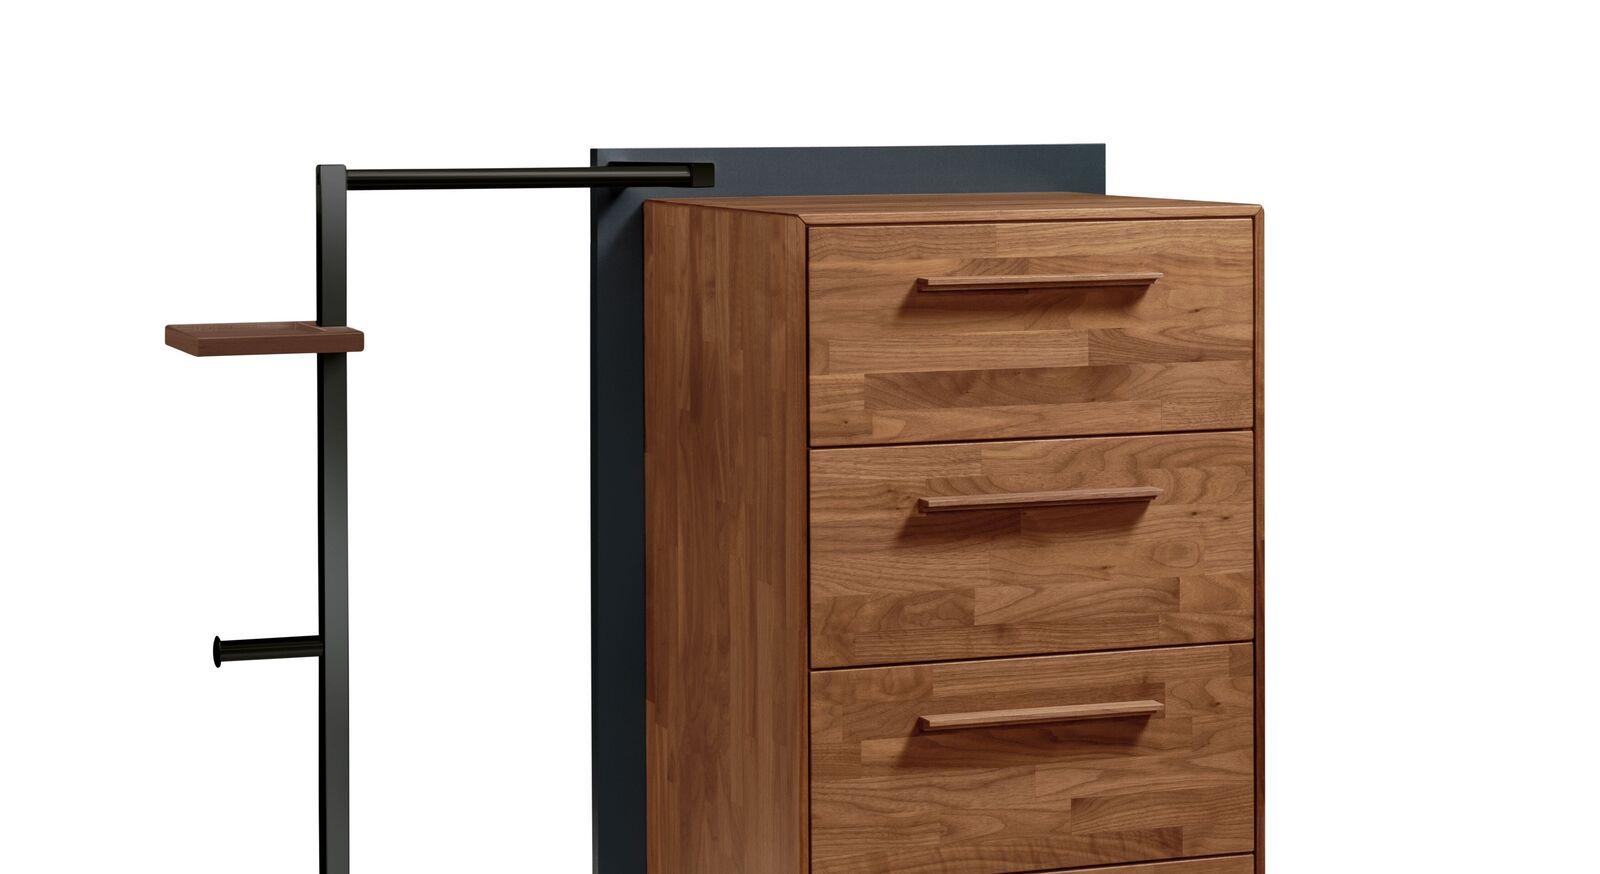 Garderoben-Kommode Ronario mit kleiner Ablageplatte